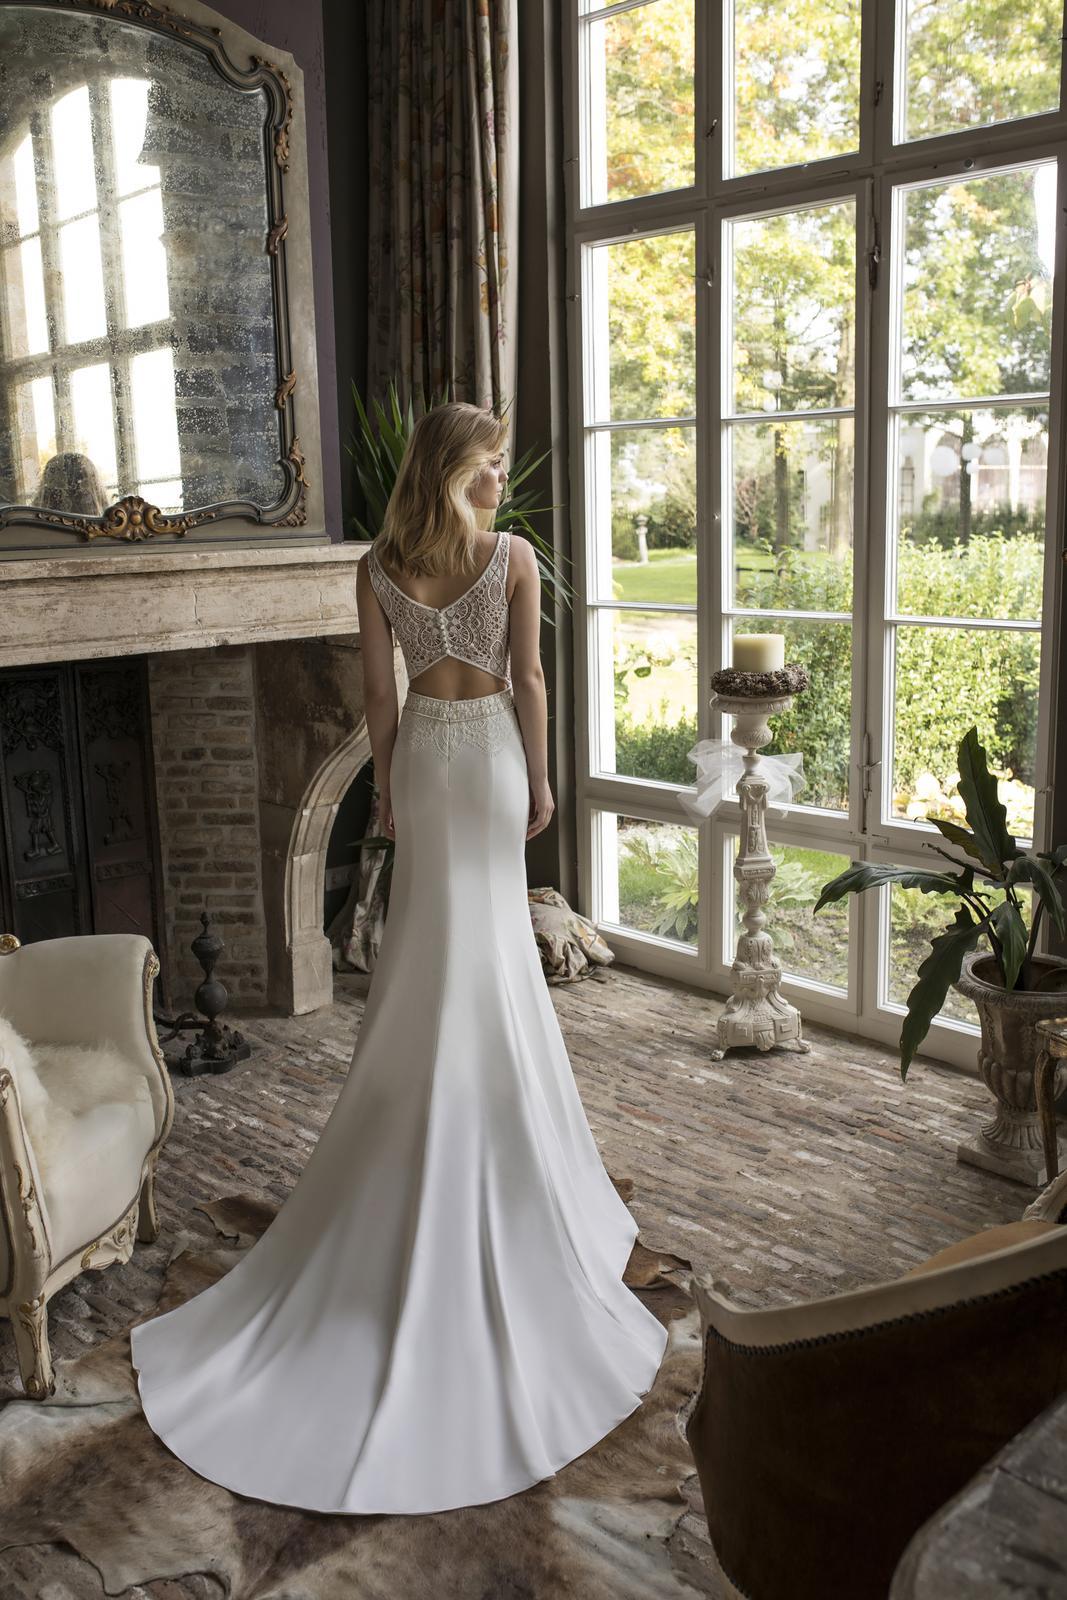 Svatební šaty podle Vašeho znamení zvěrokruhu? - Obrázek č. 1